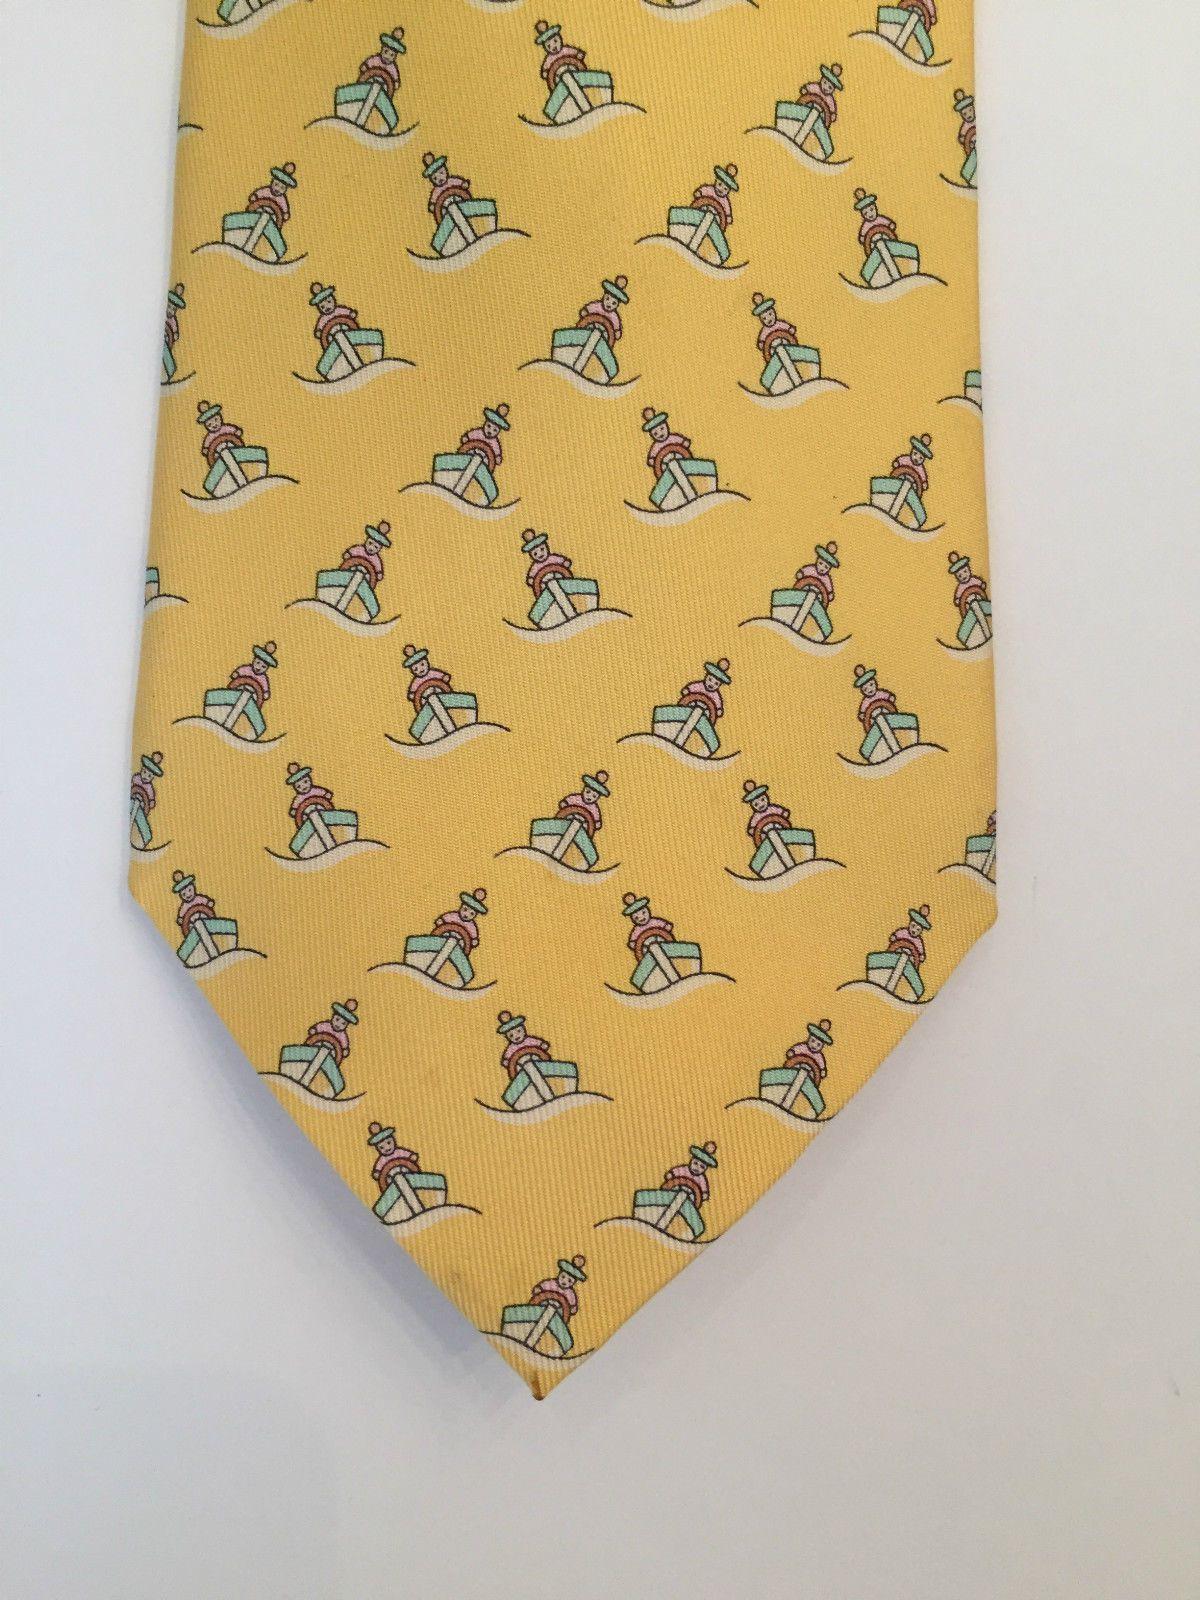 50f0fc8baf44 Hermes Tie Yellow w Sailors in Boats   eBay   Tie Design   Tie ...